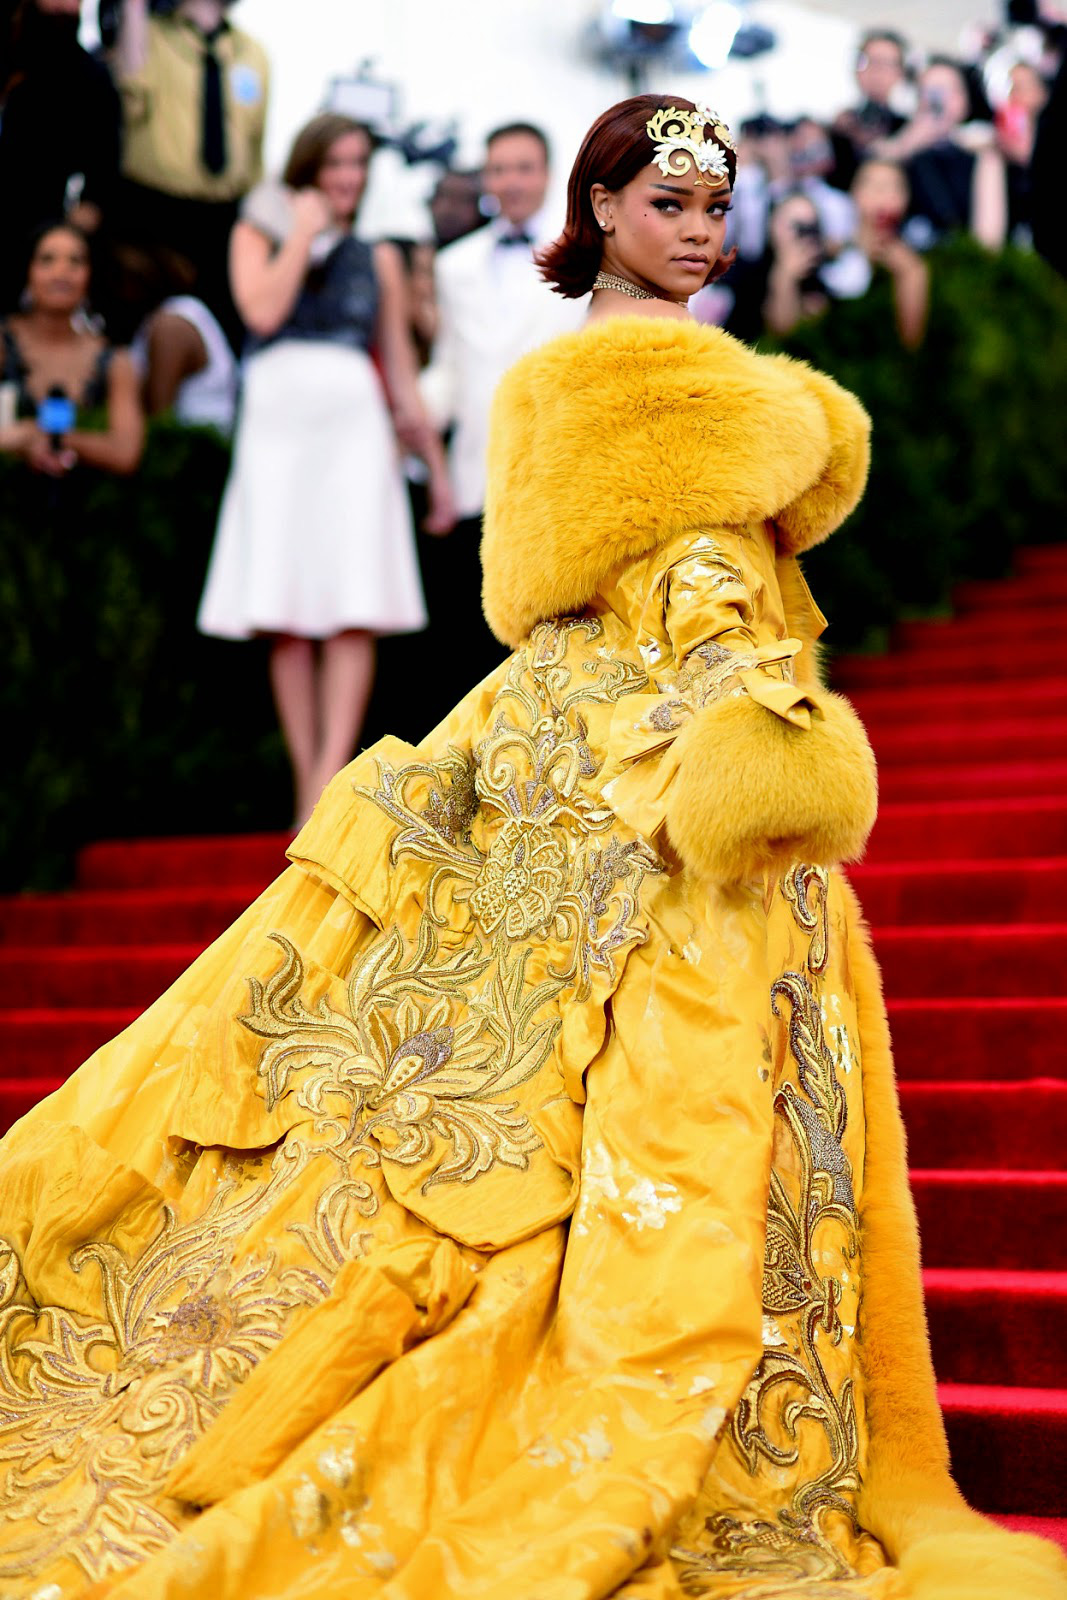 Nữ hoàng thảm đỏ Met Gala: Rihanna - Lady Gaga thi nhau combo độc - dị - lố, choáng nhất là Cardi B phô diễn body với bộ đồ 11 tỷ - Ảnh 7.